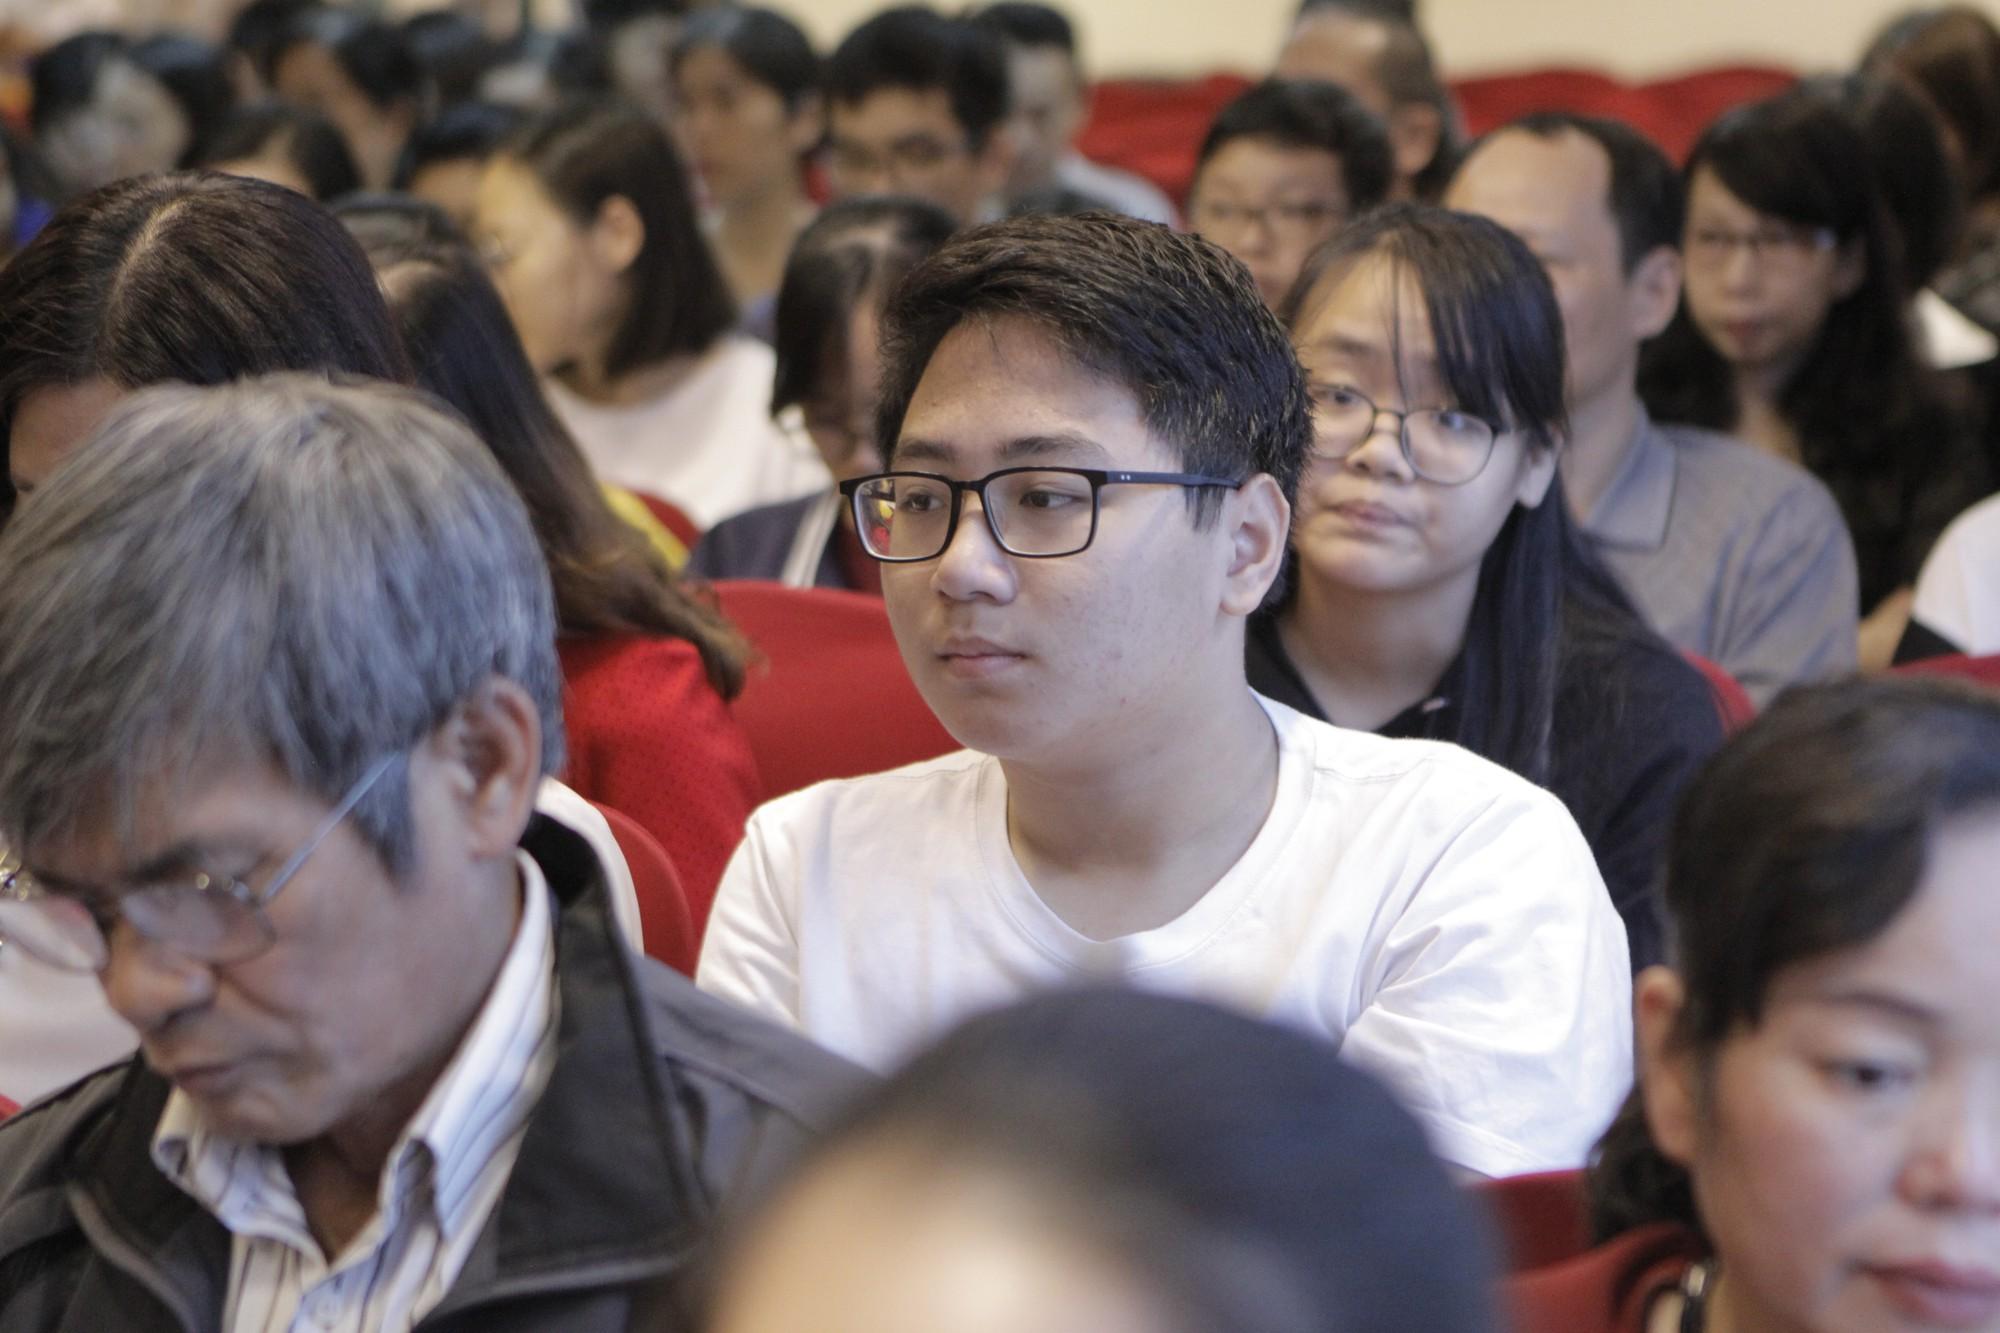 Kỳ thi tuyển sinh lớp 10 tại Hà Nội năm 2019 được đánh giá khó hơn thi Đại học do nhiều thay đổi: Học sao cho đúng? - Ảnh 4.